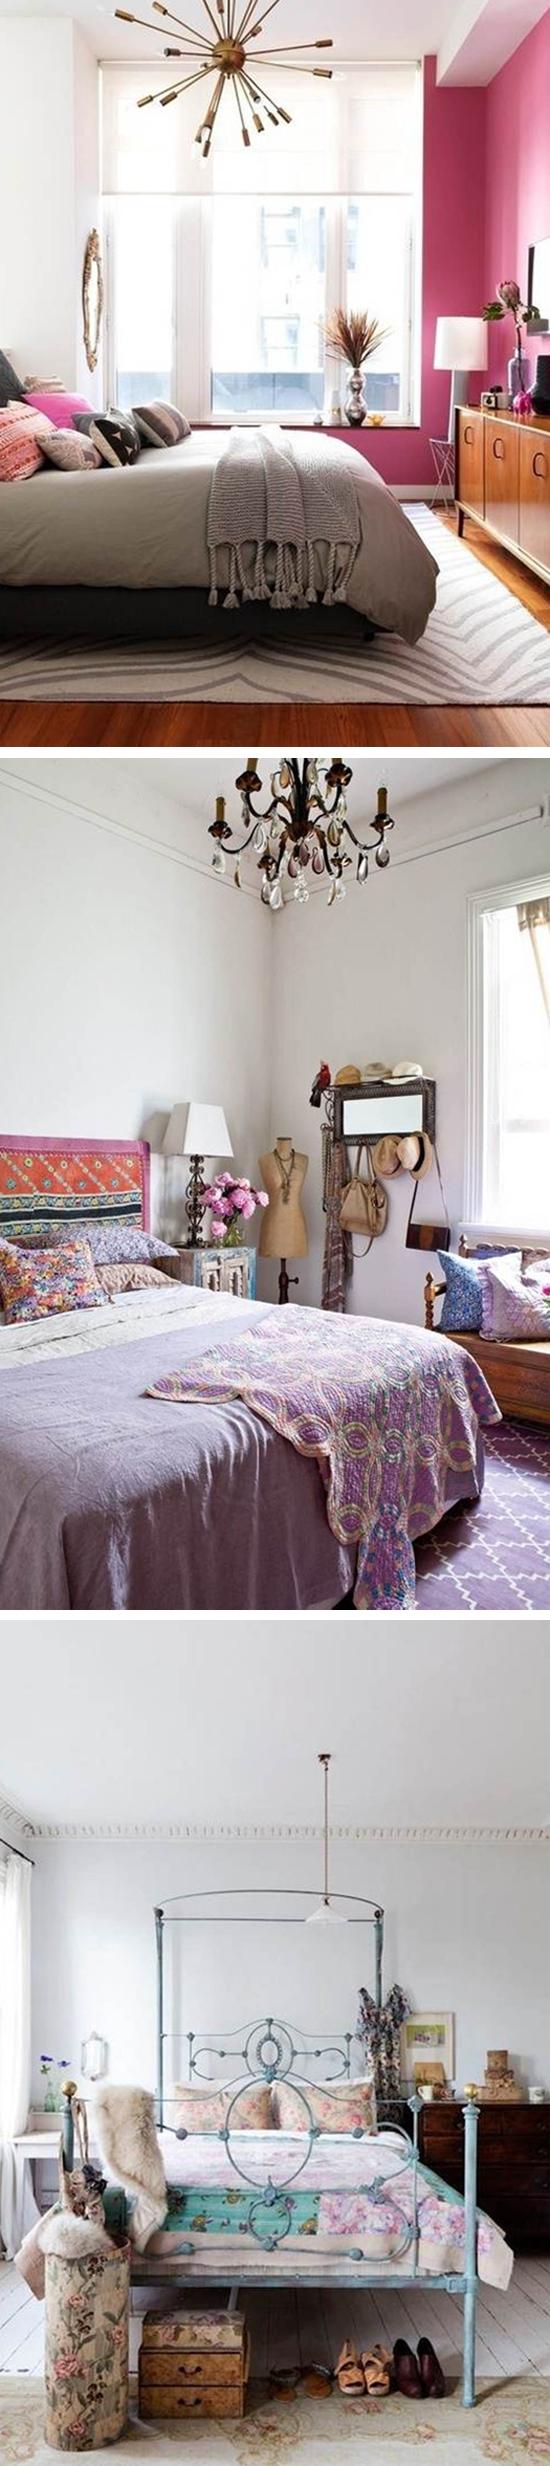 Camera Da Letto Fredda la stanza più femminile della casa? la camera da letto